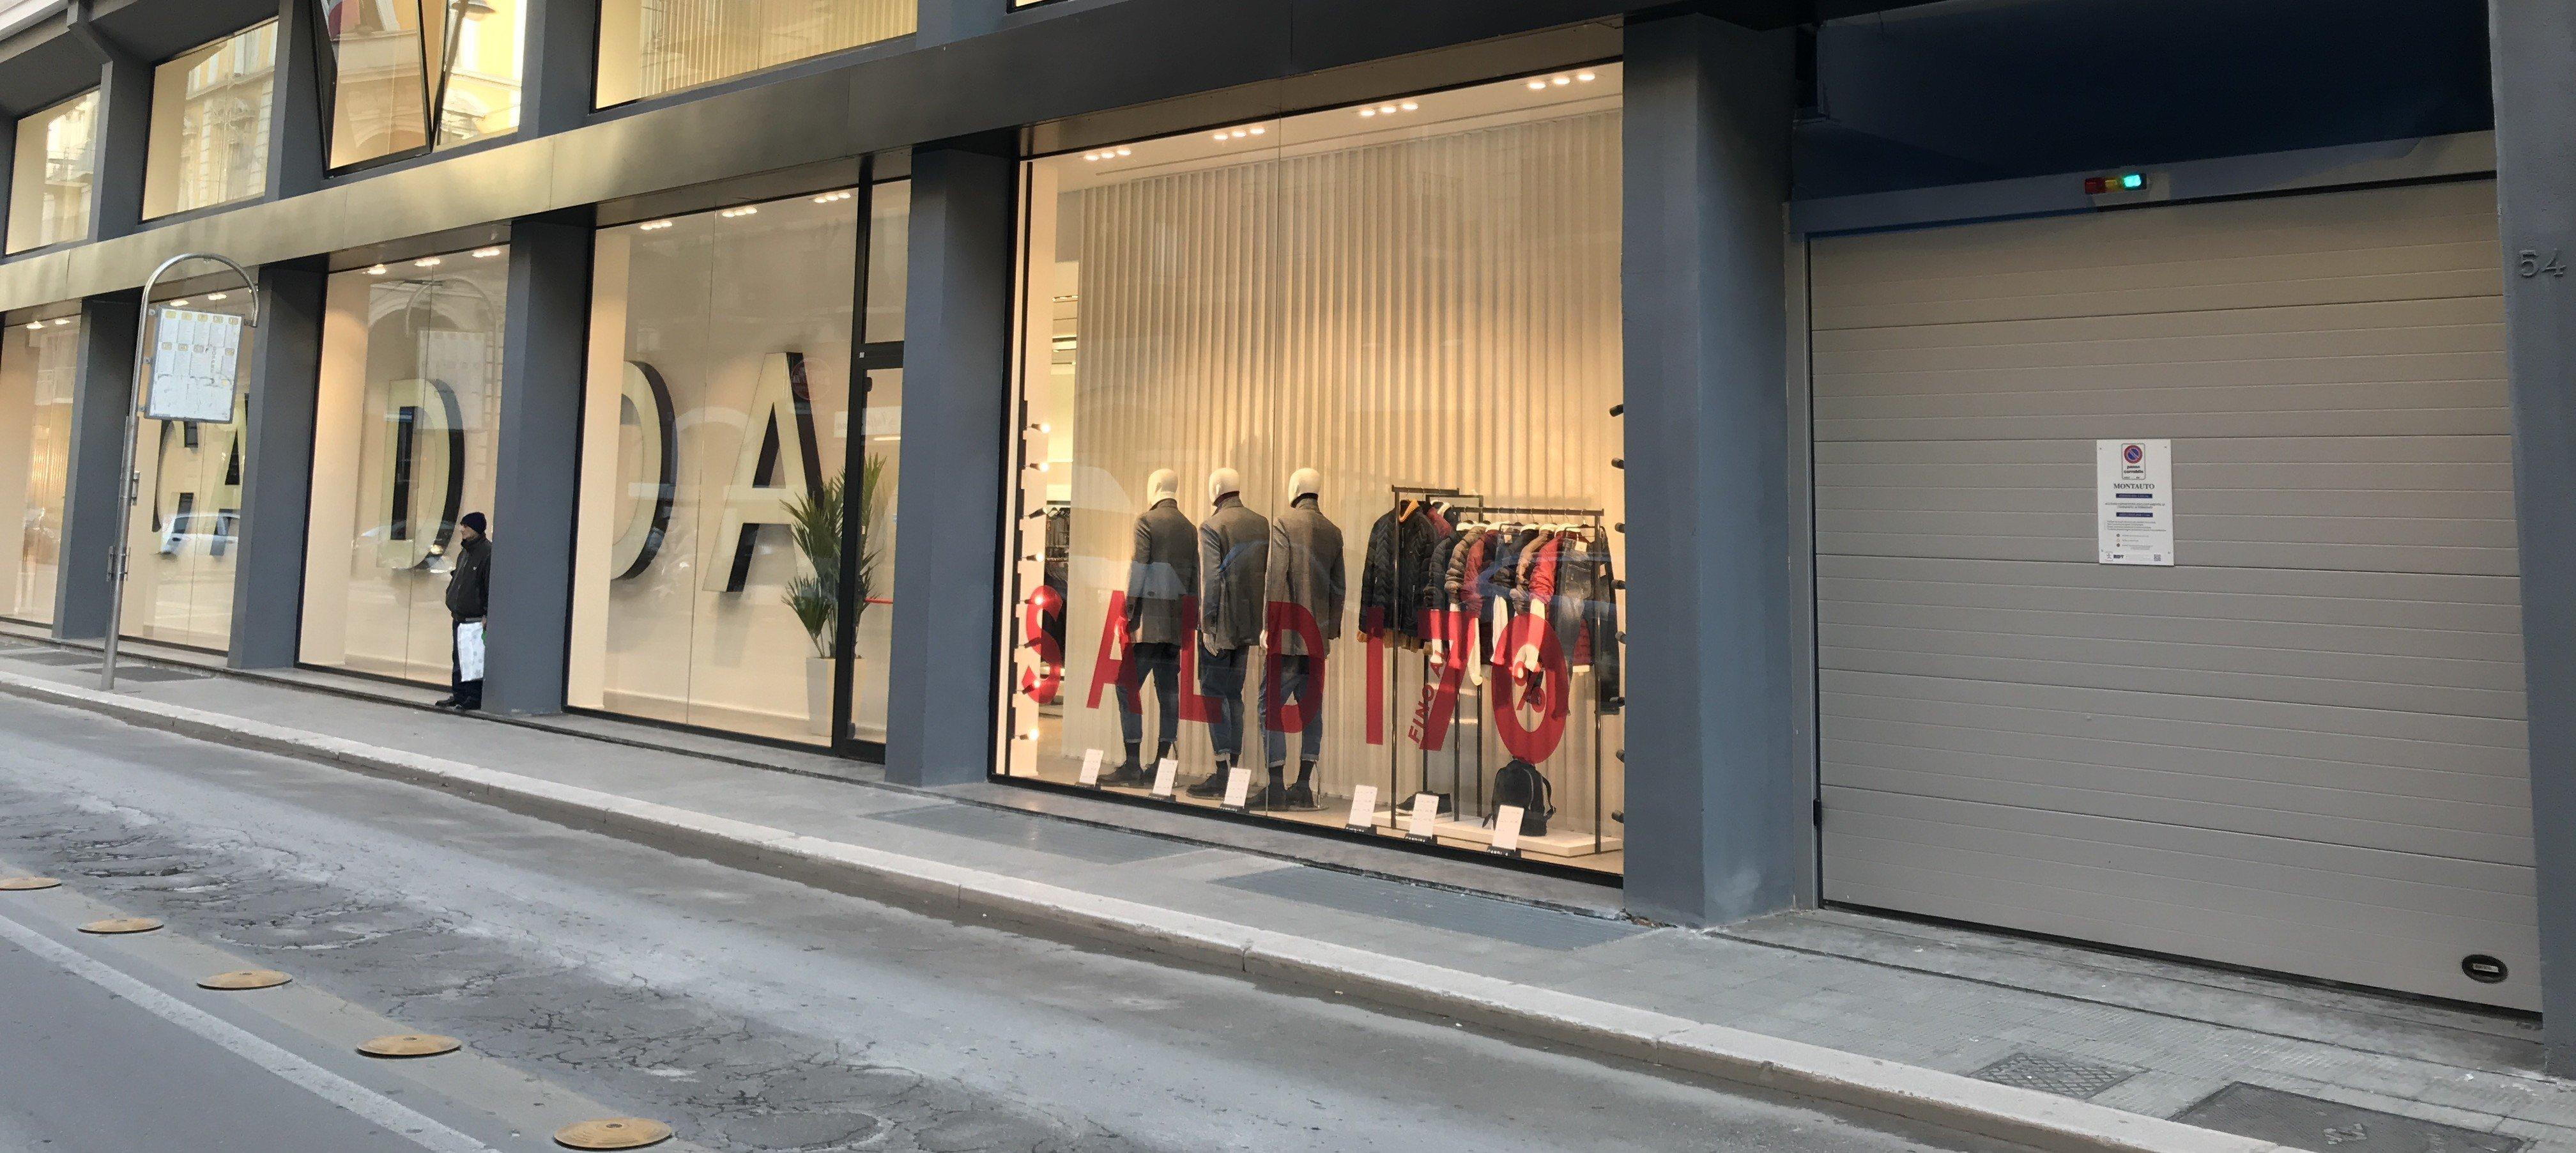 Nuova Installazione Montauto Personalizzato a Bari